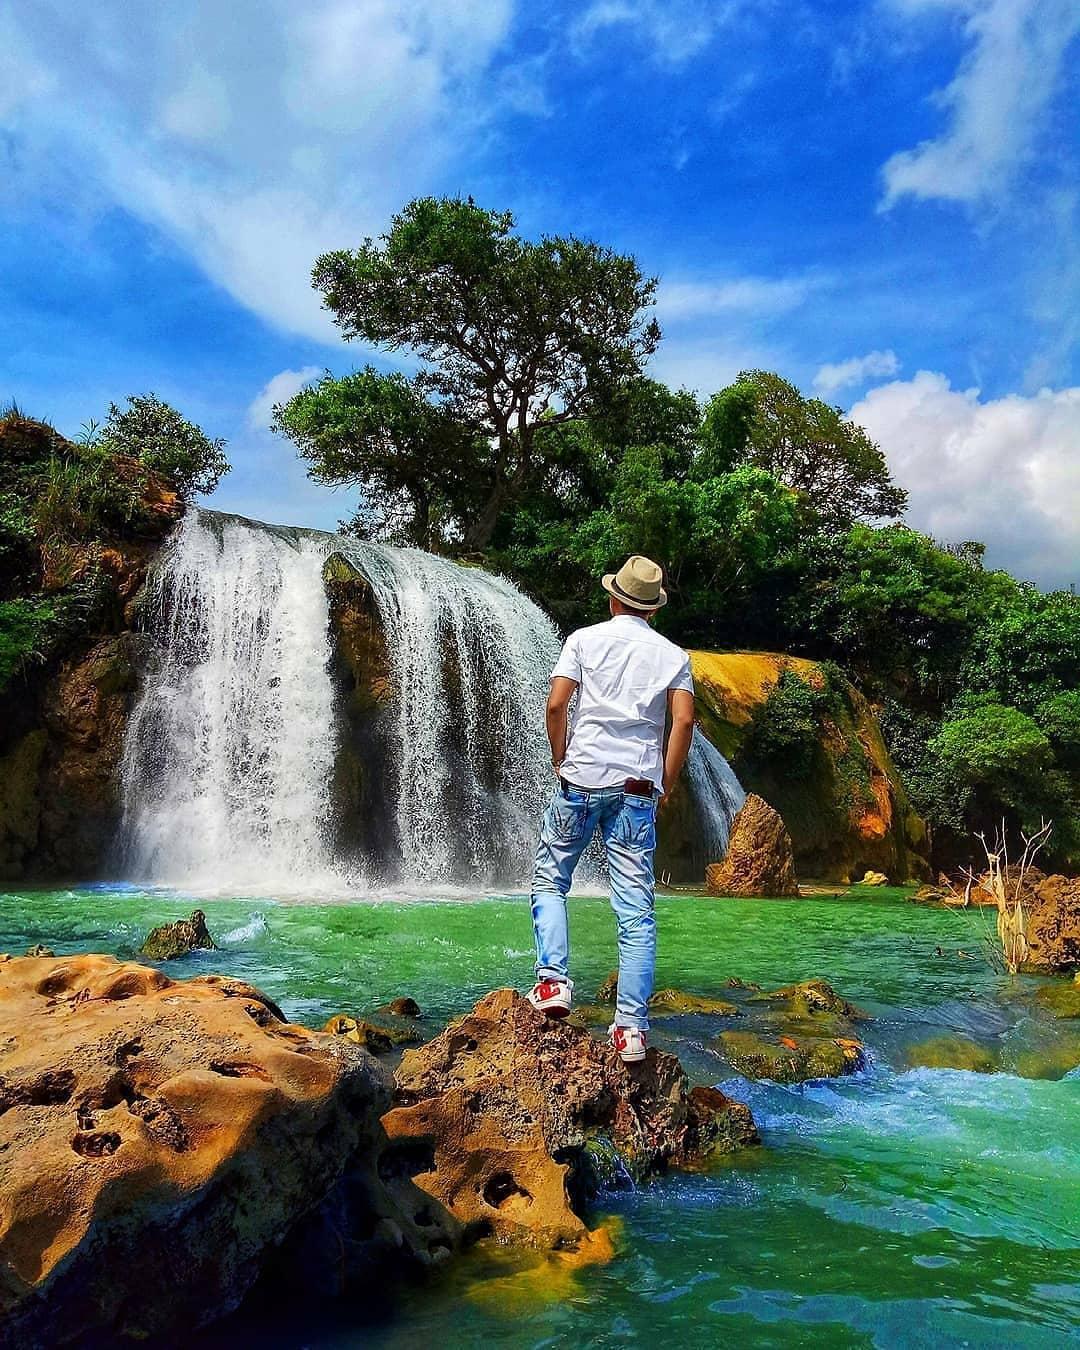 spot foto cakep di wisata air terjun toroan sampang madura